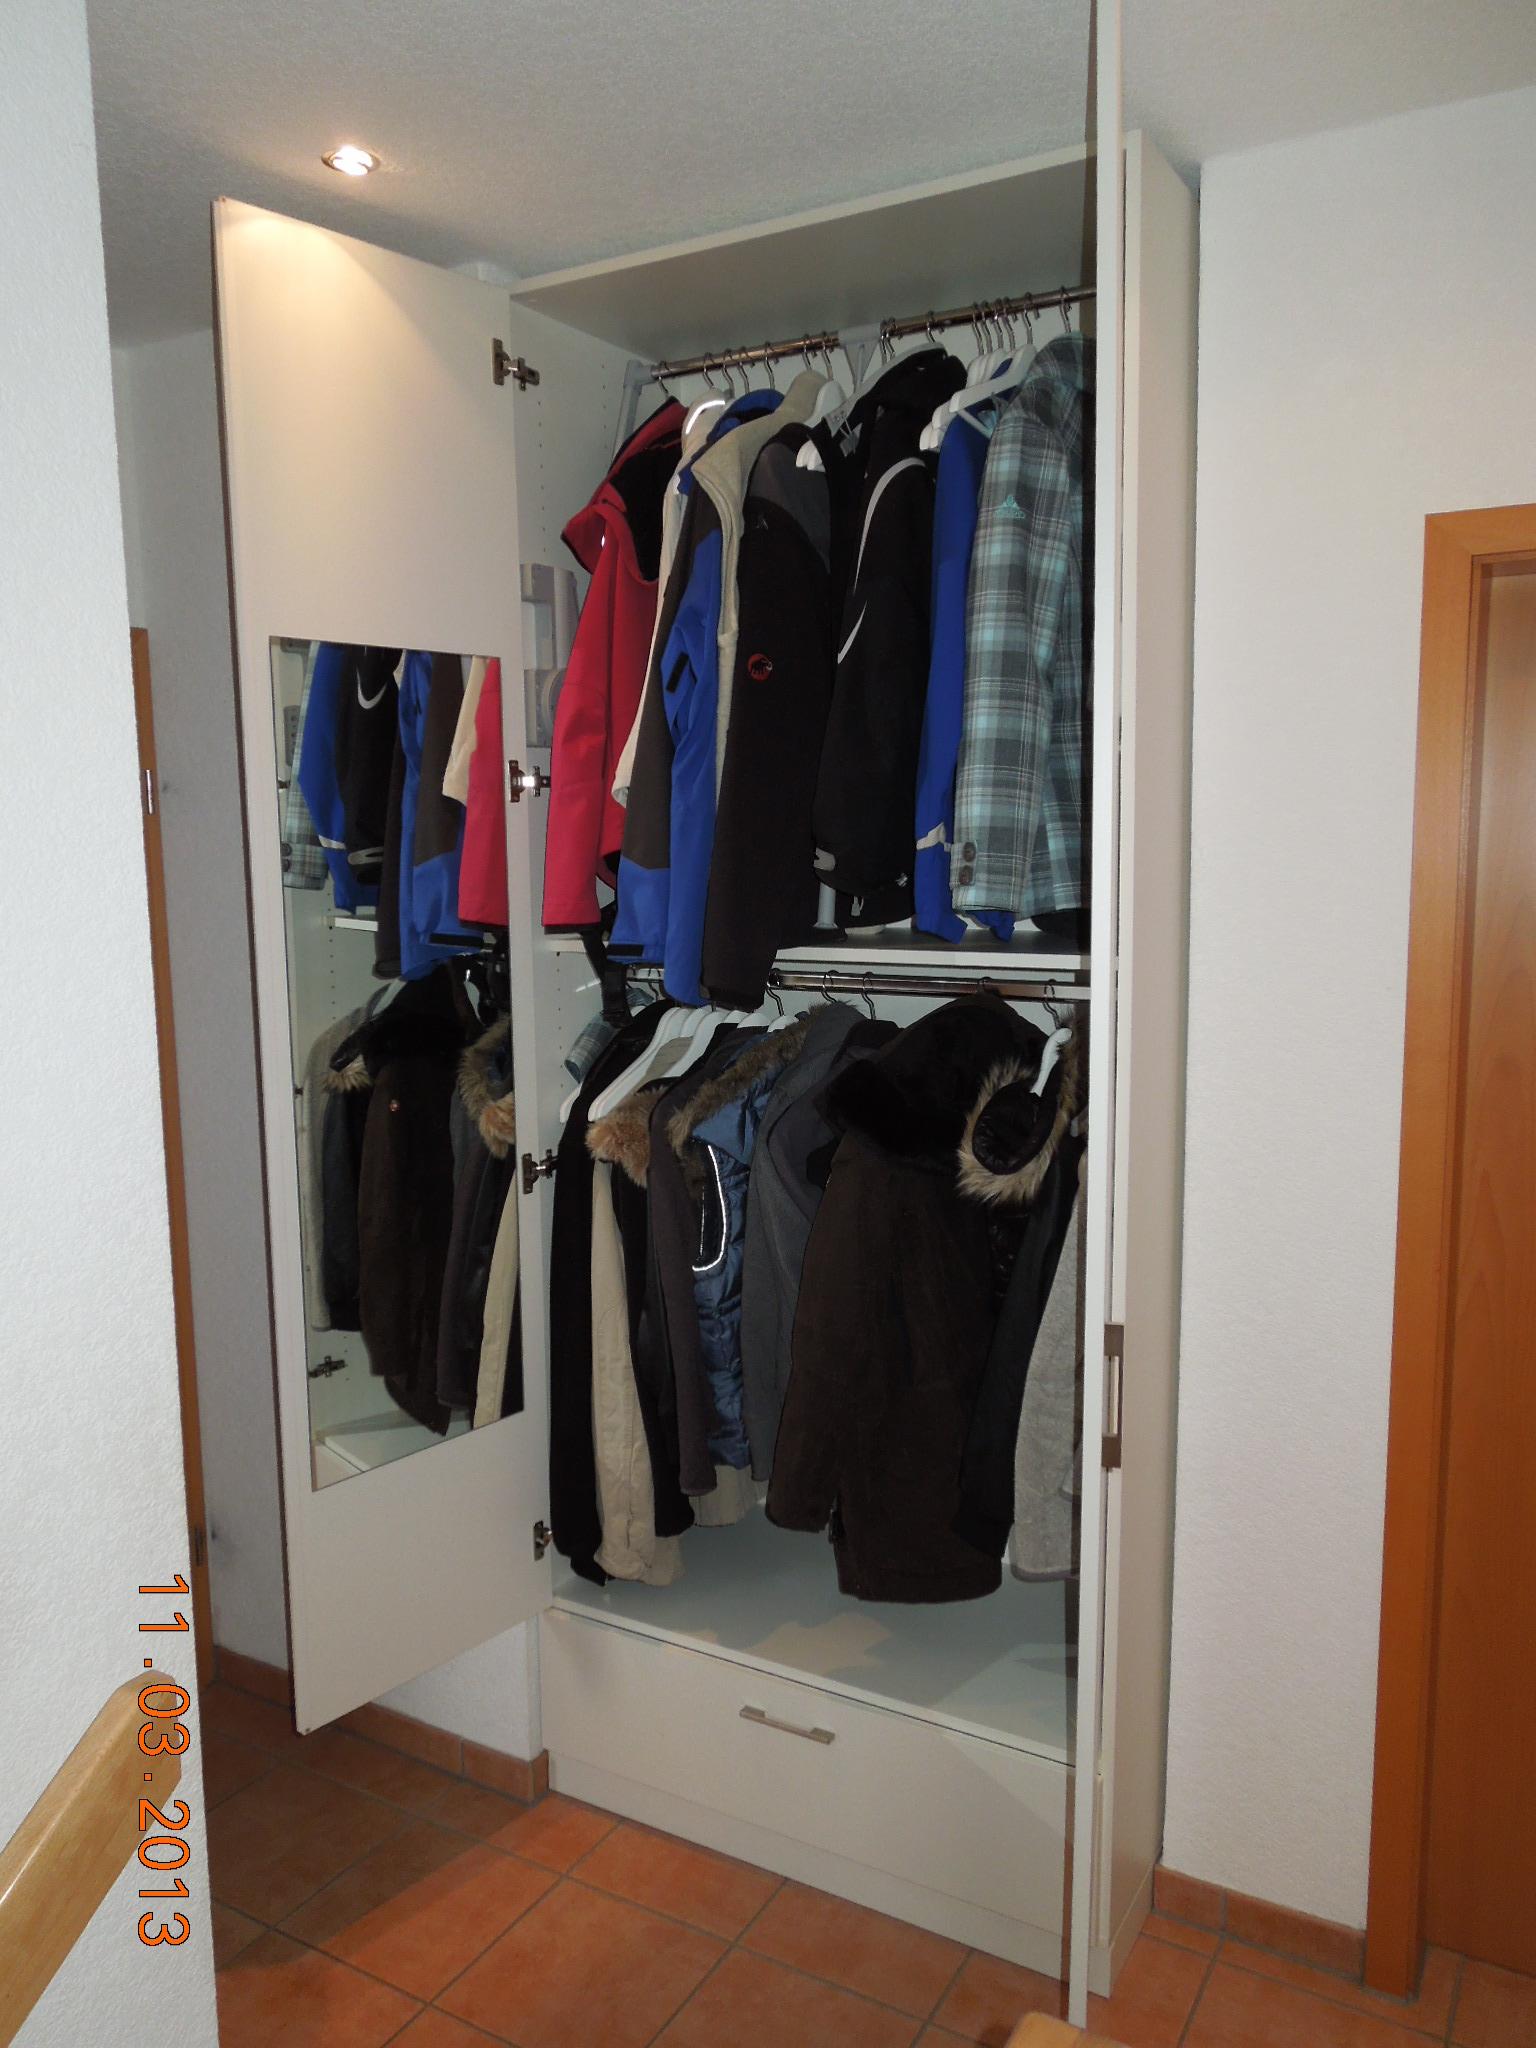 Kundenbilder von nischenschr nken zur inspiration for Garderobe viele jacken